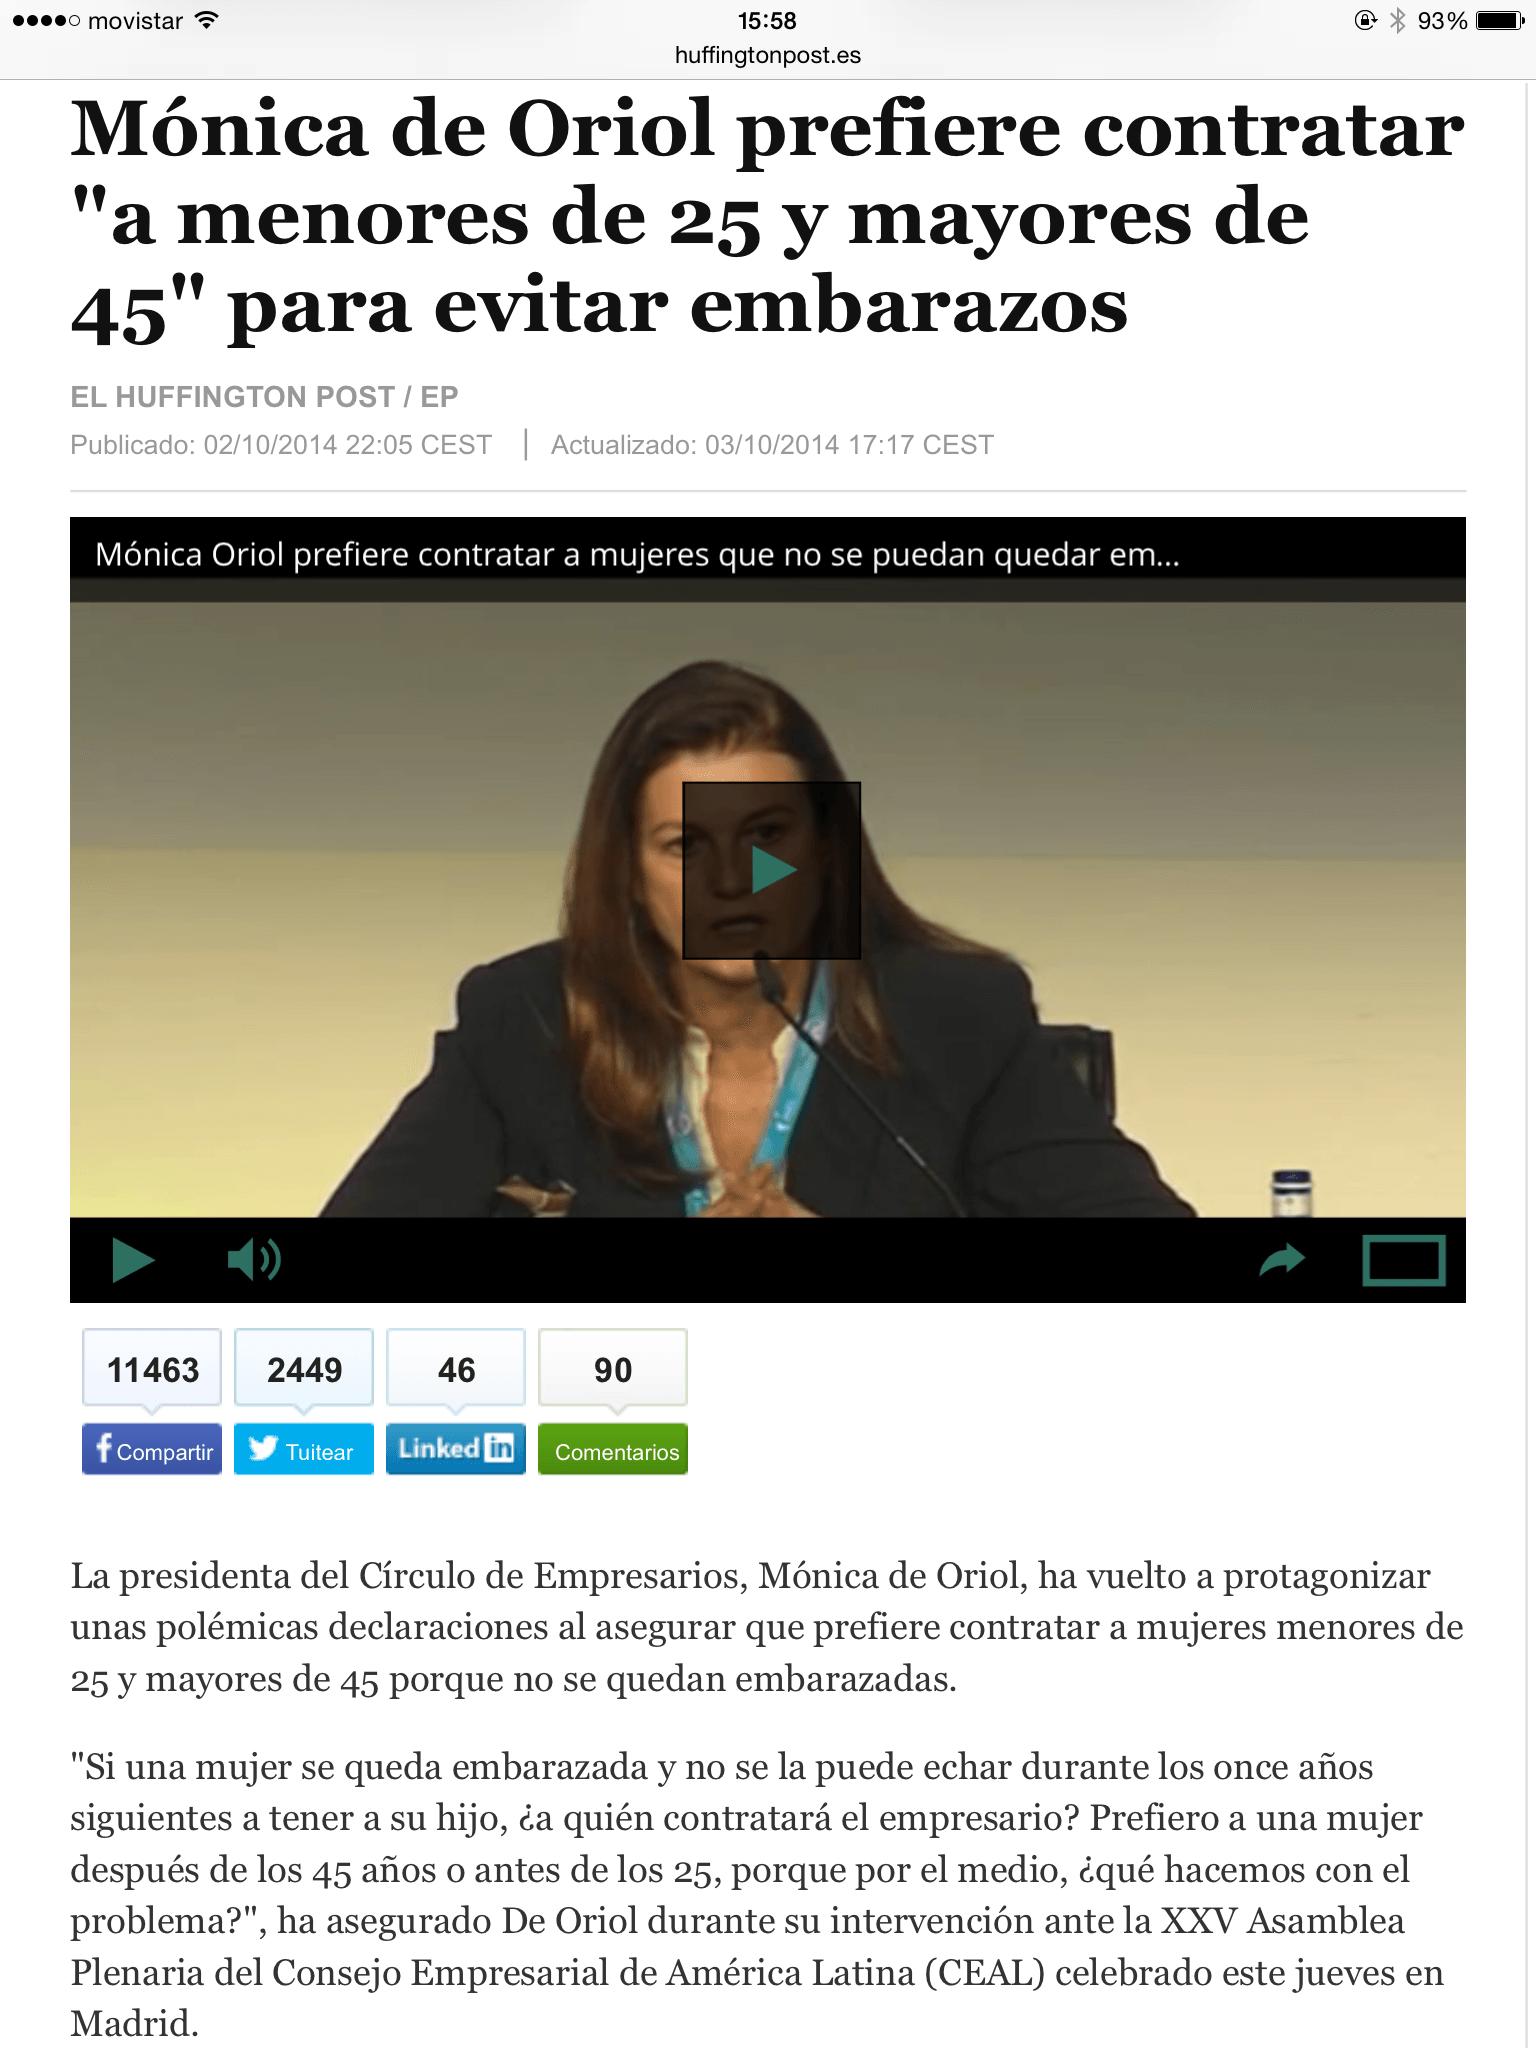 Mónica de Oriol no contrata mujeres de entre 25 y 45 para evitar embarazos